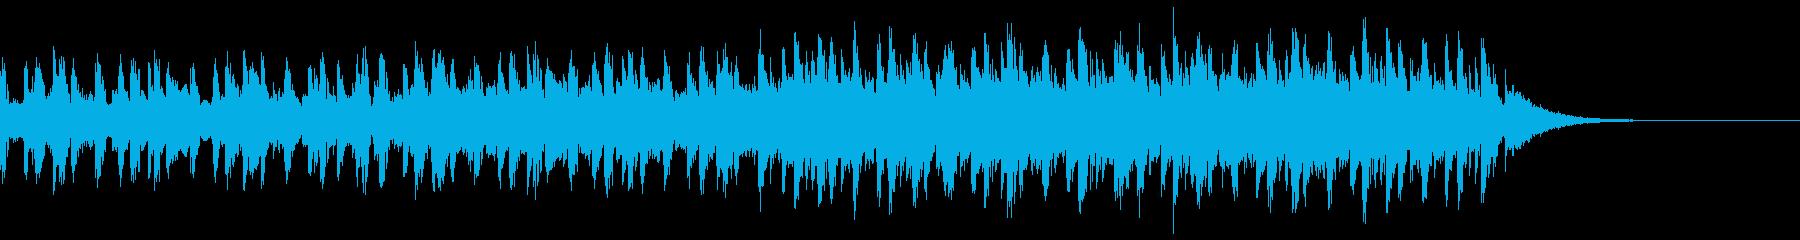 CM映像:近未来的高速ビート30secの再生済みの波形